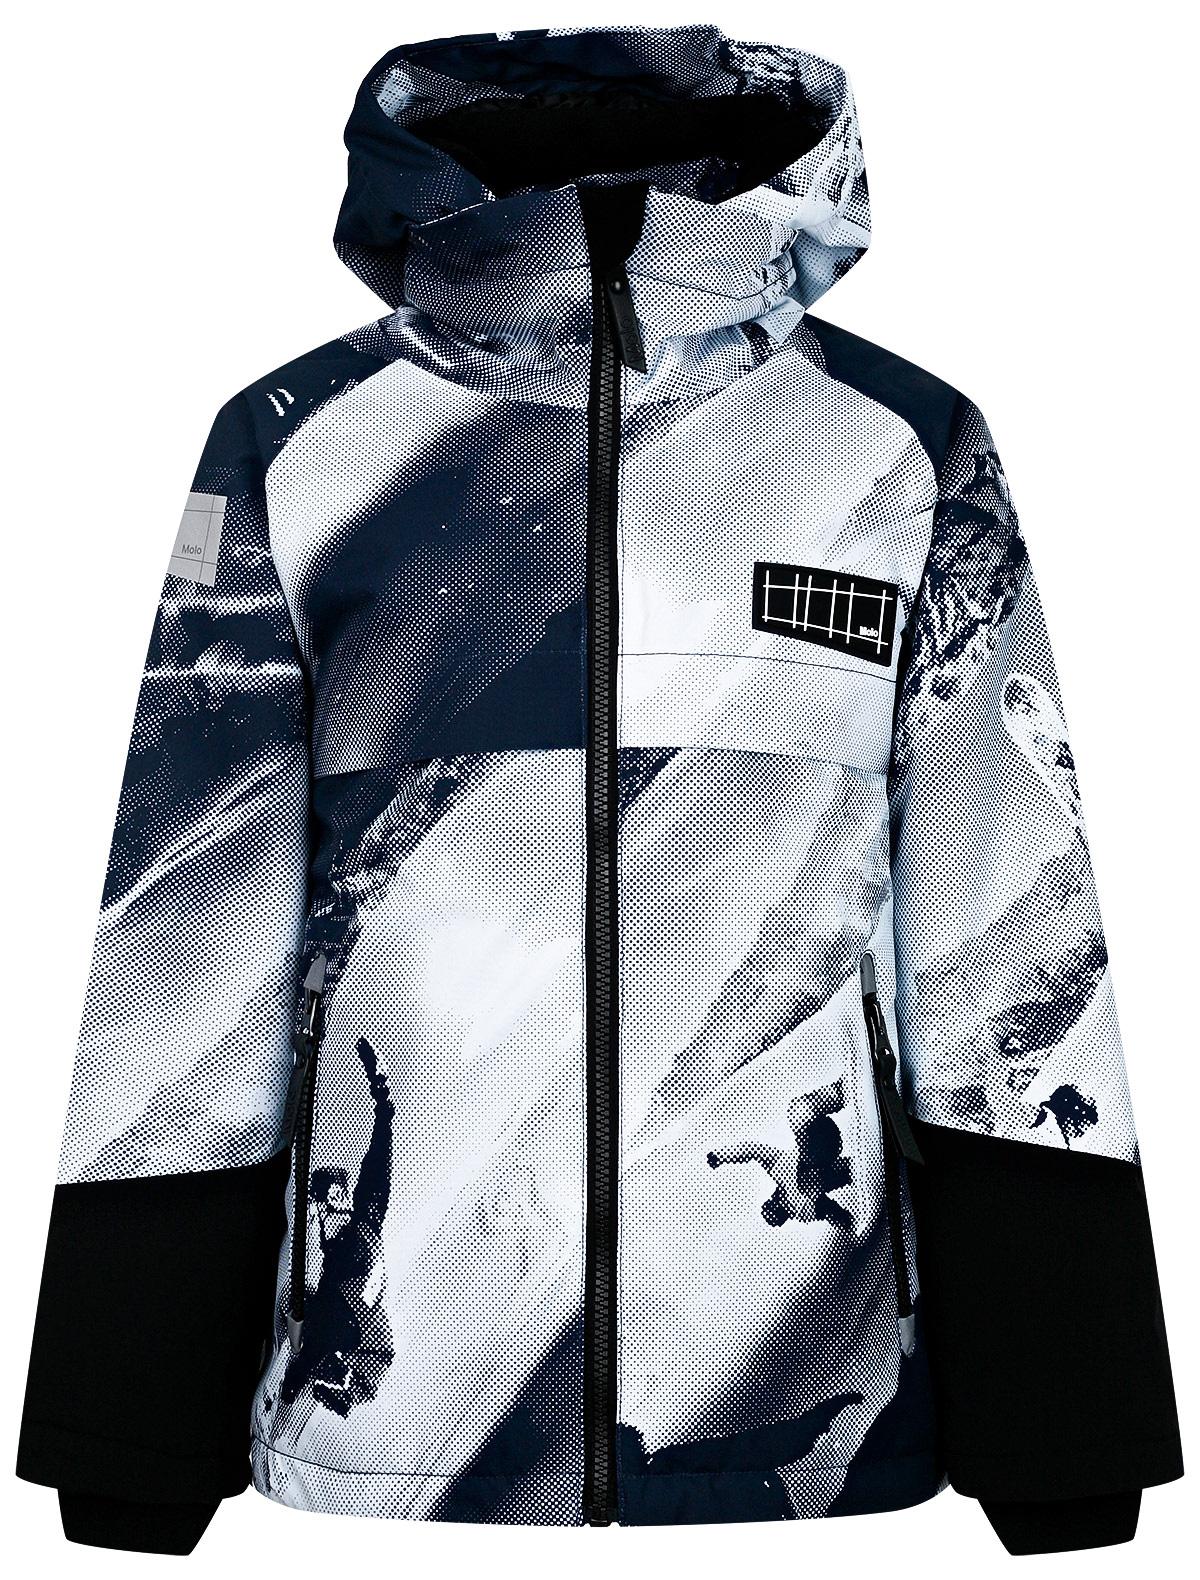 Купить 2245419, Куртка MOLO, синий, Мужской, 1074519085215